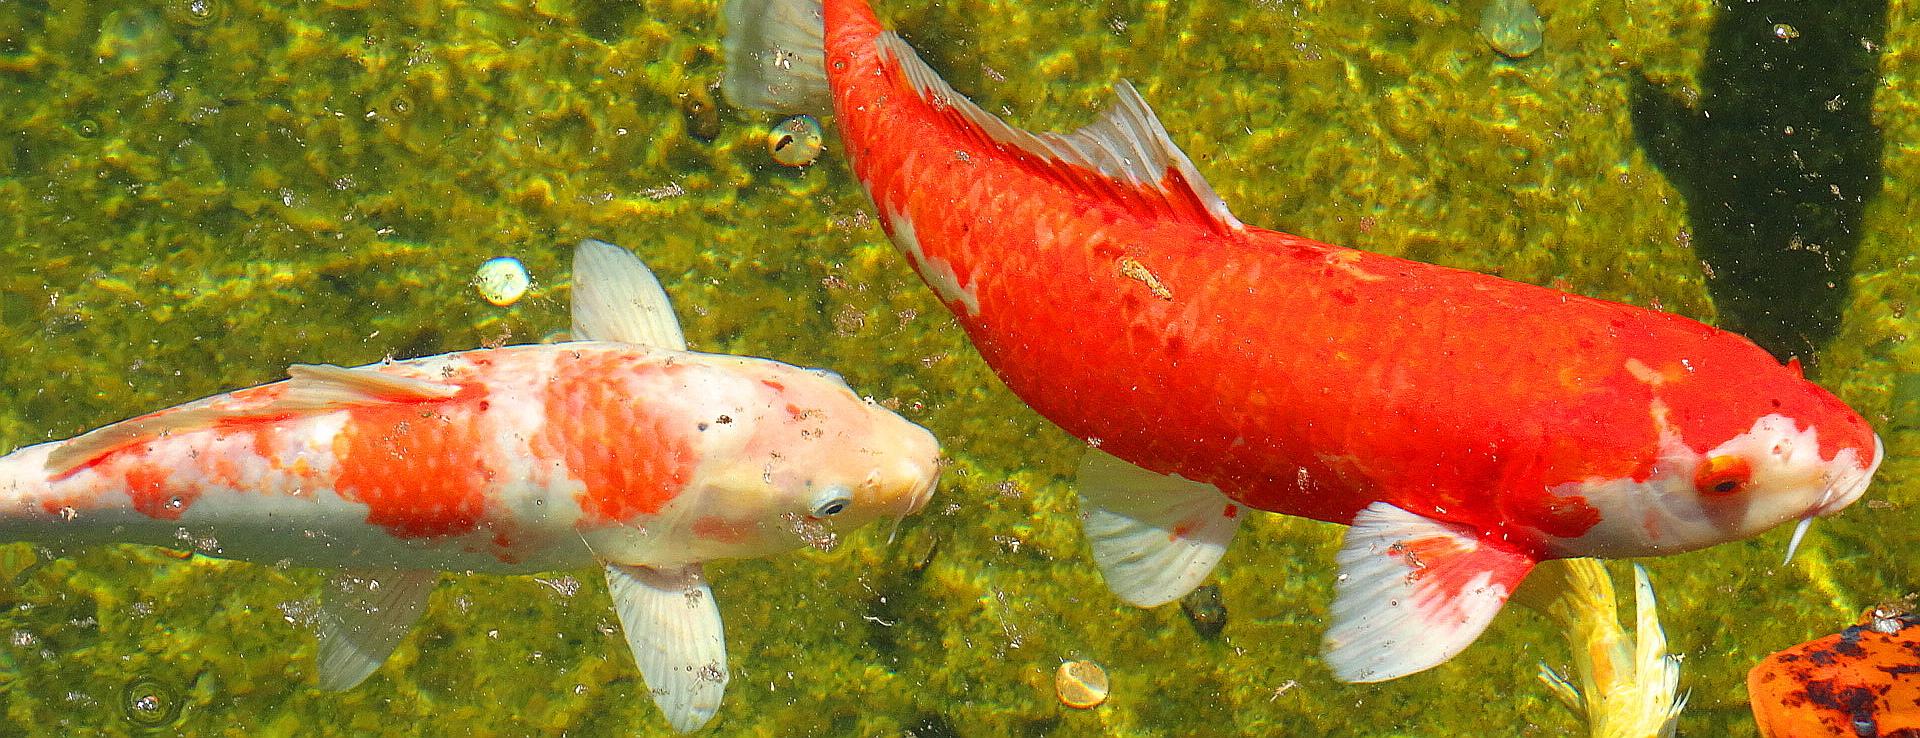 Balboa Park Nishikigoi Pond! |